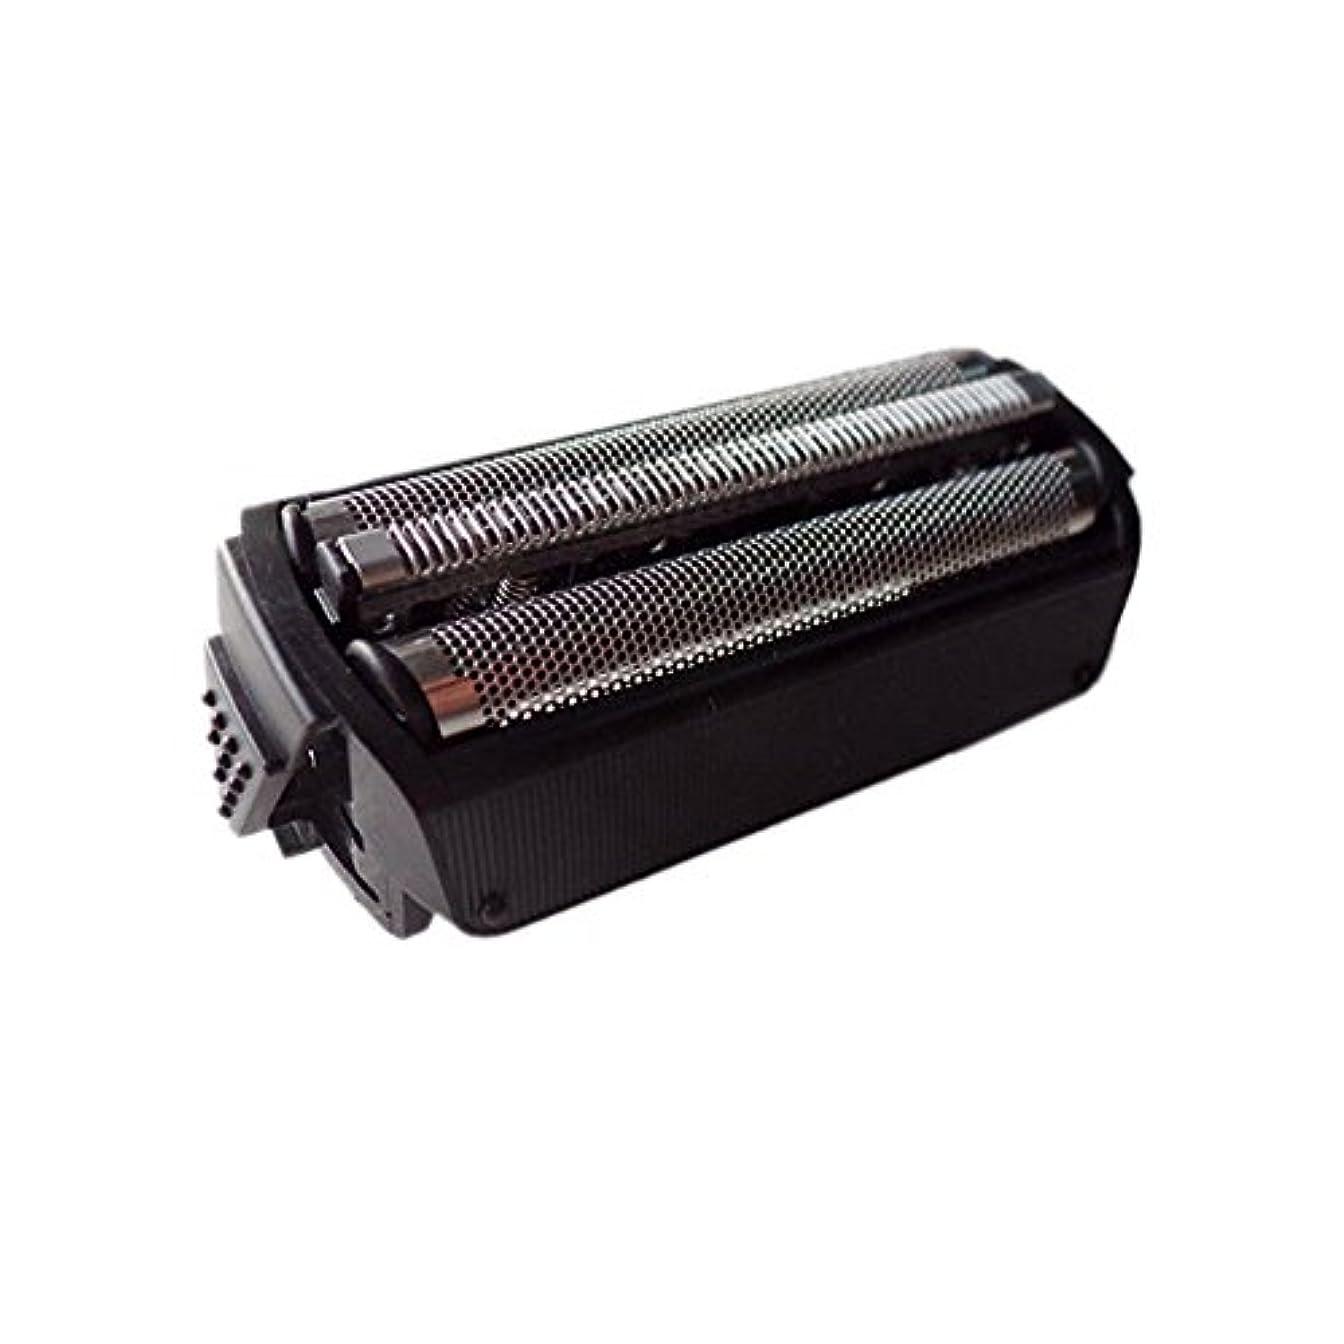 教授雰囲気通りDeylaying シェーバー替刃 往復式シェーバー パーツ 外刃 耐用 高質量 for Panasonic ES9077/7013/8026/8016/7003/882/883